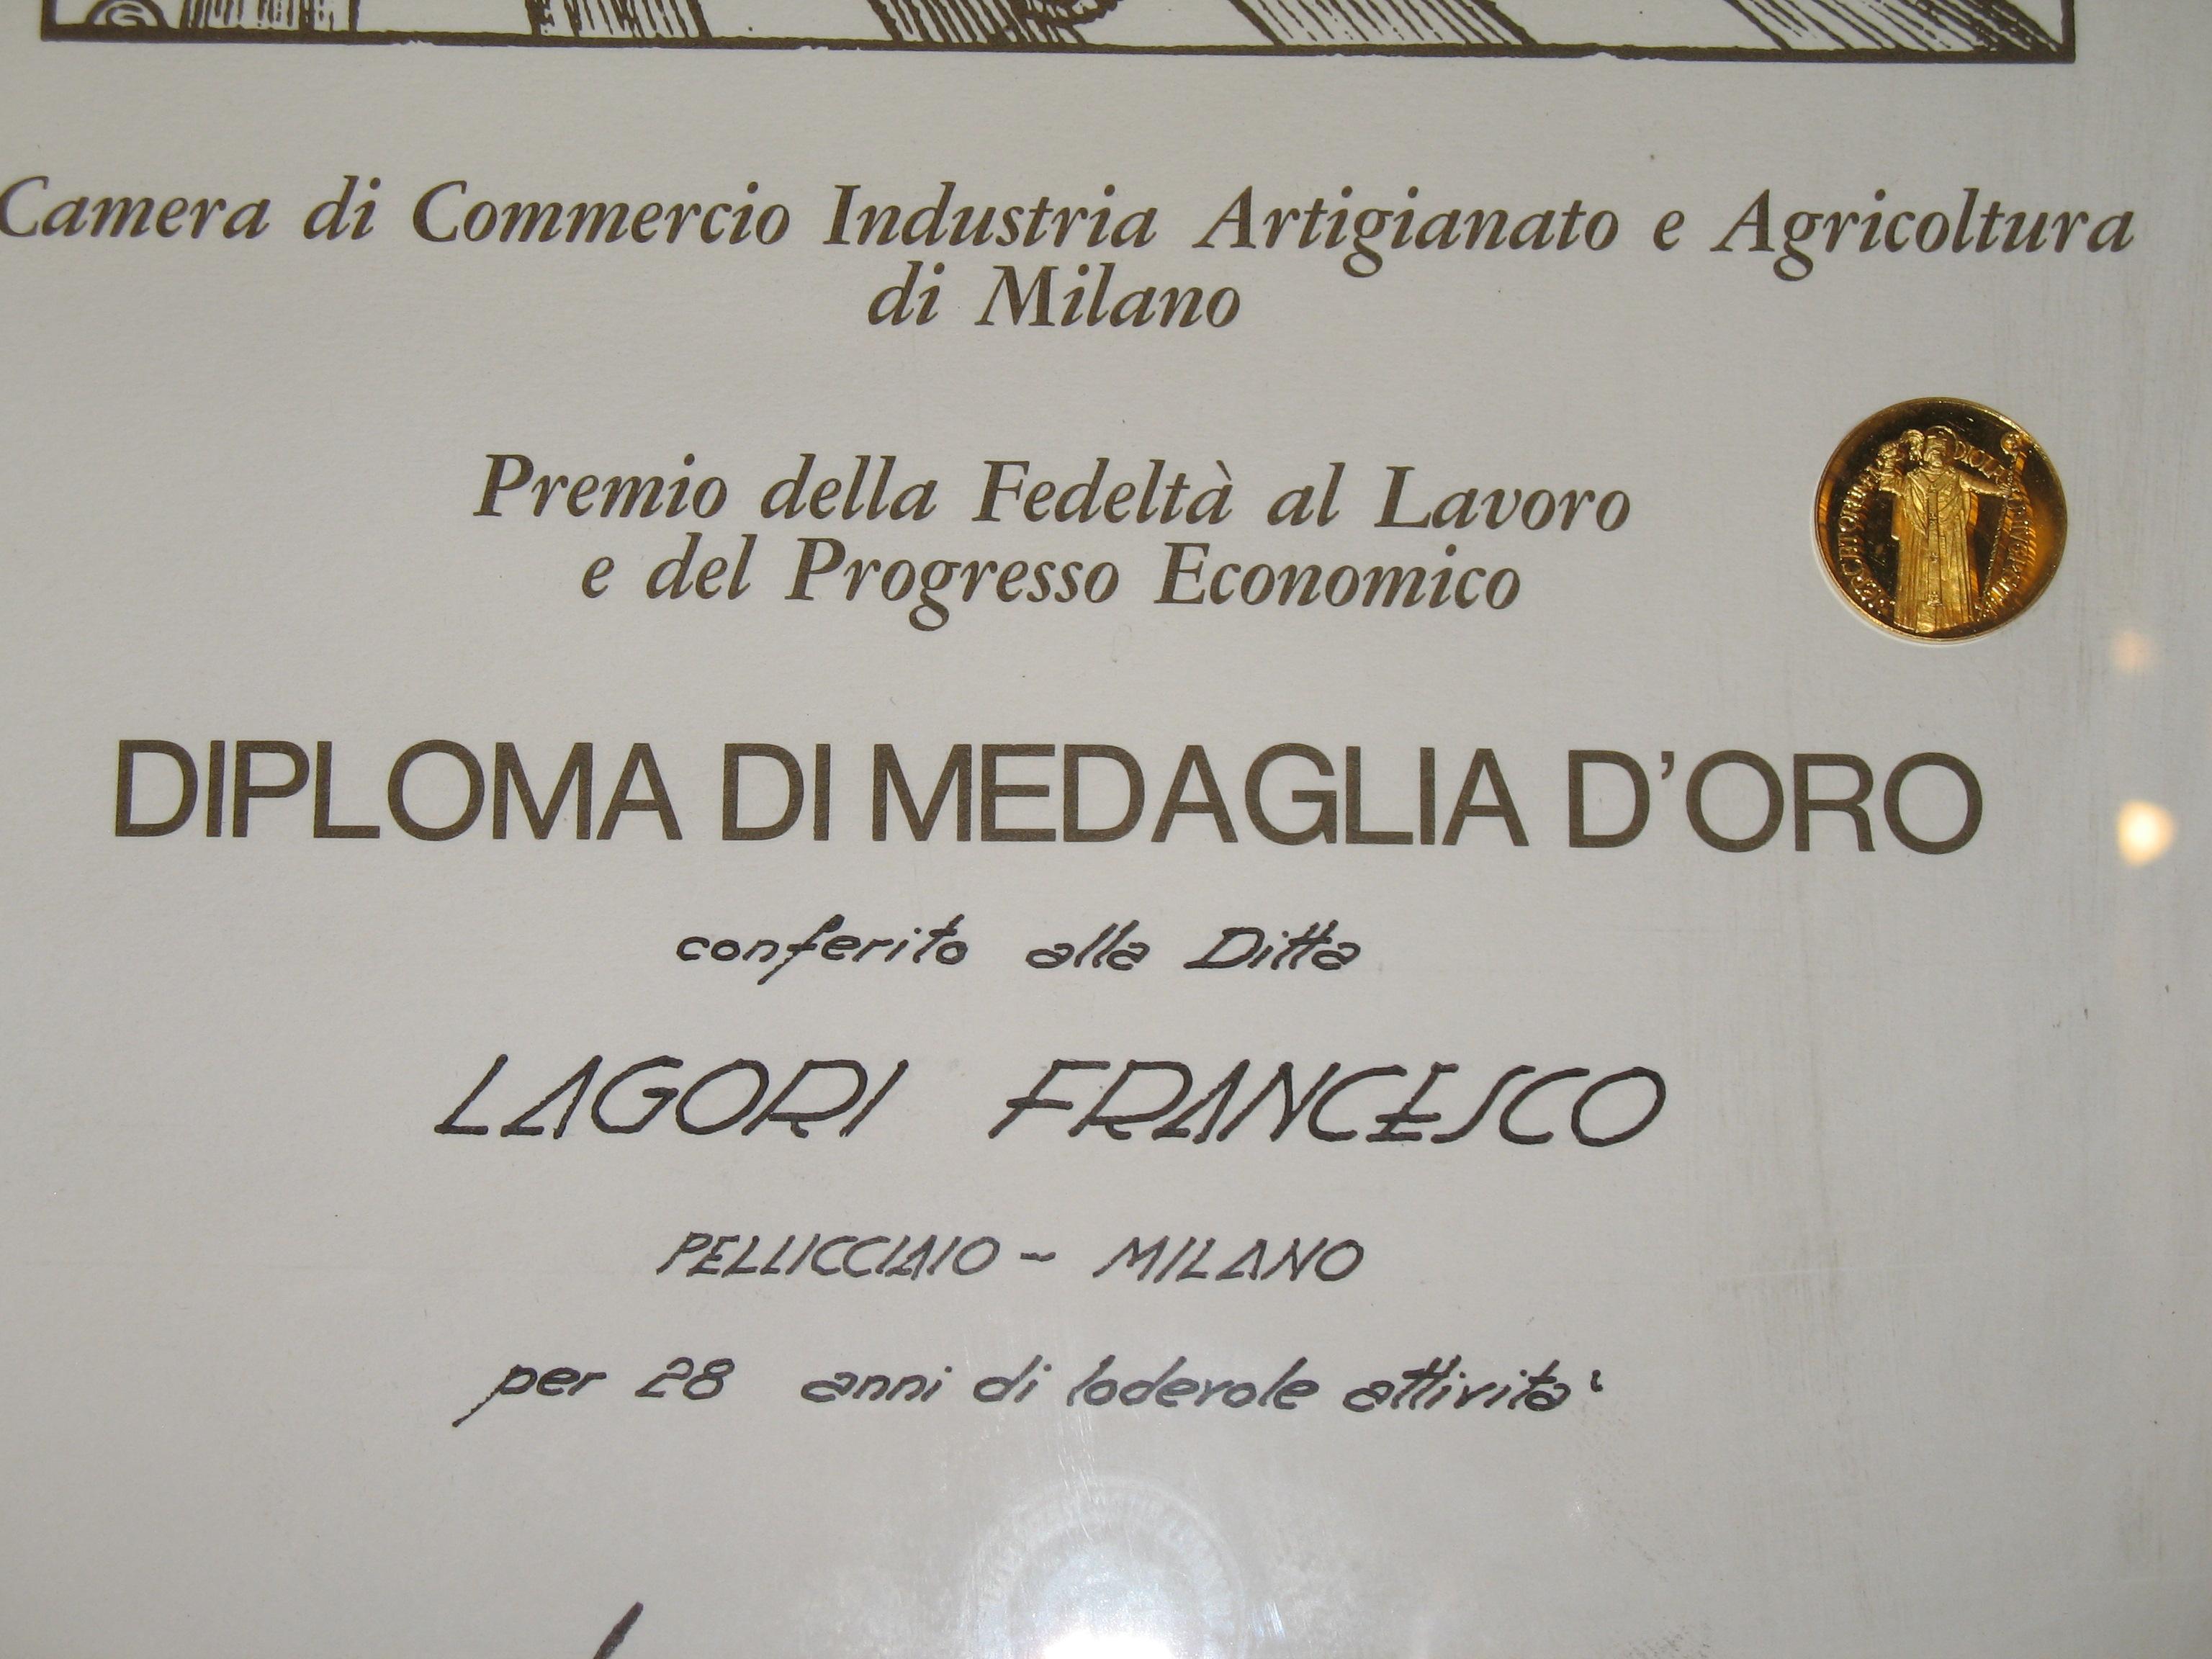 Medaglia d'oro Camera di Commercio